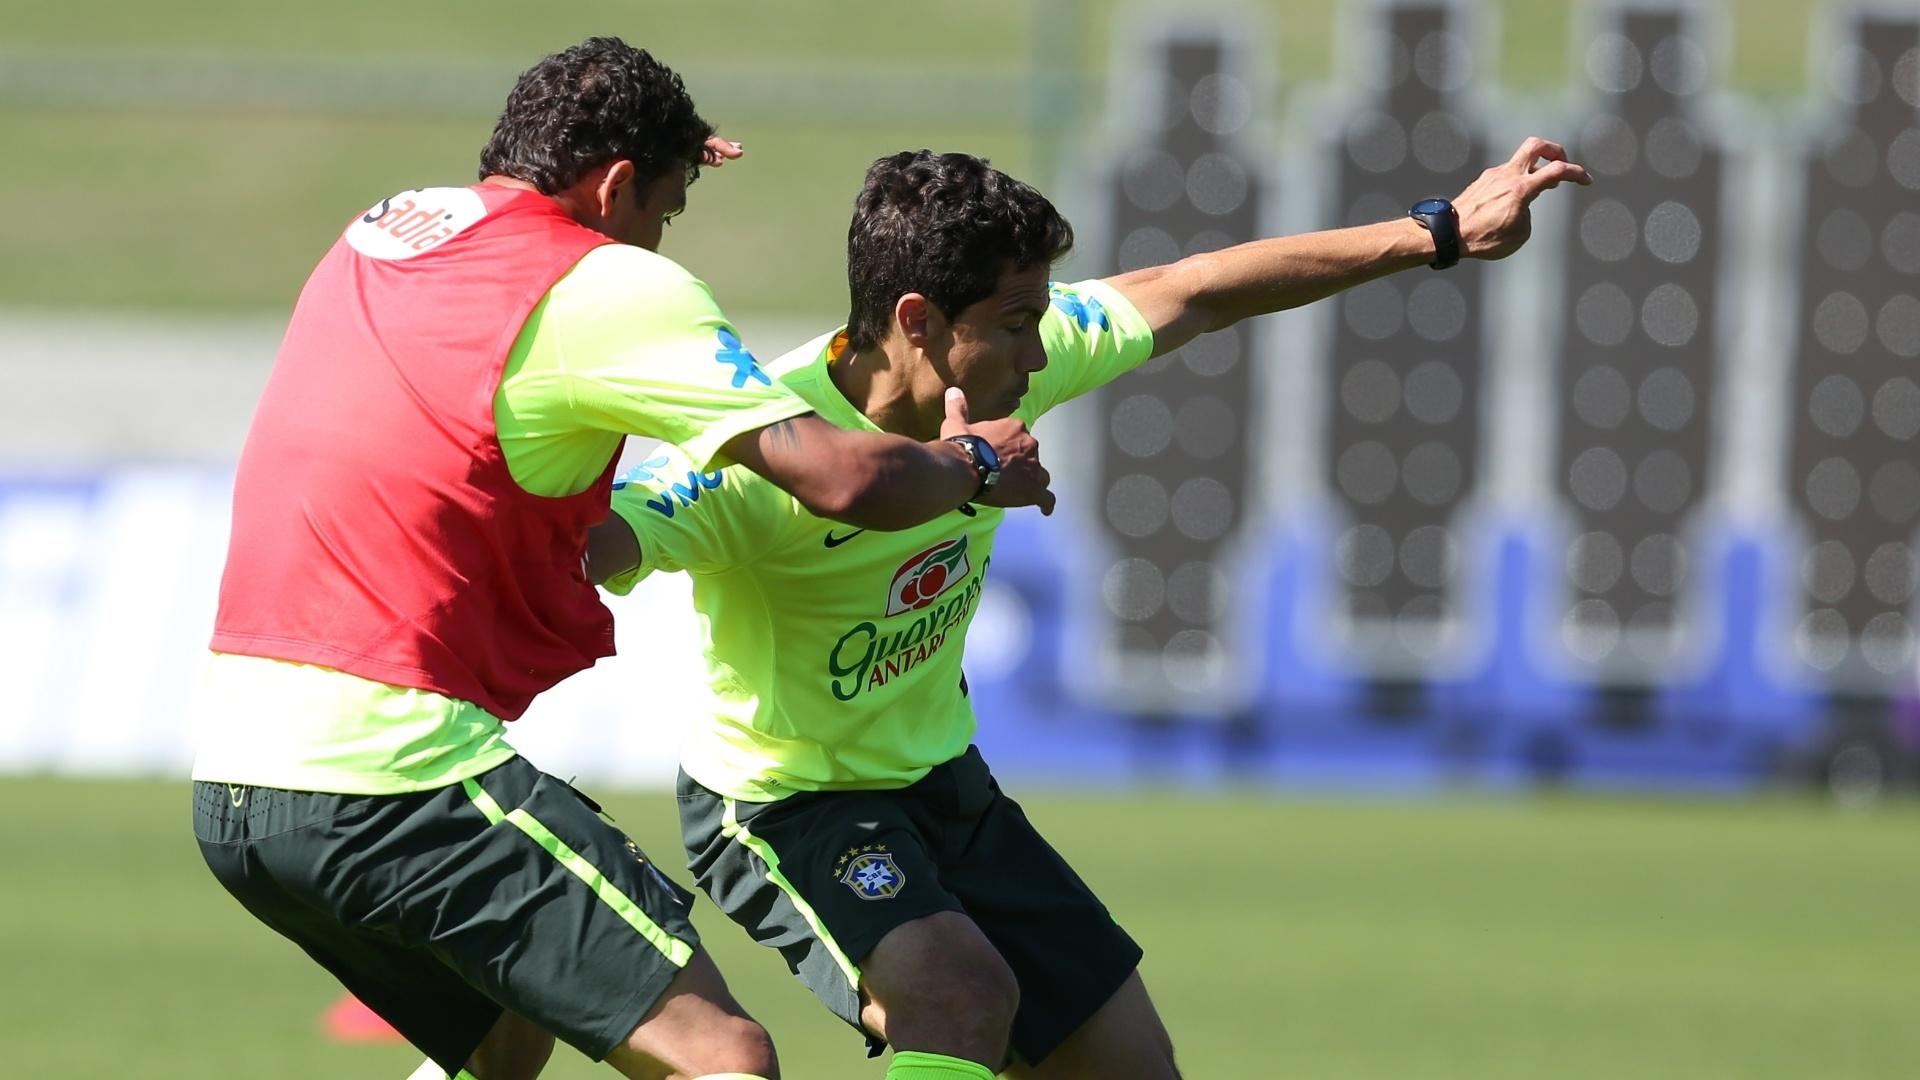 05.jun.2014 - Hernanes tenta o drible durante coletivo no treino da seleção brasileira desta quinta-feira (05/06) na Granja Comary